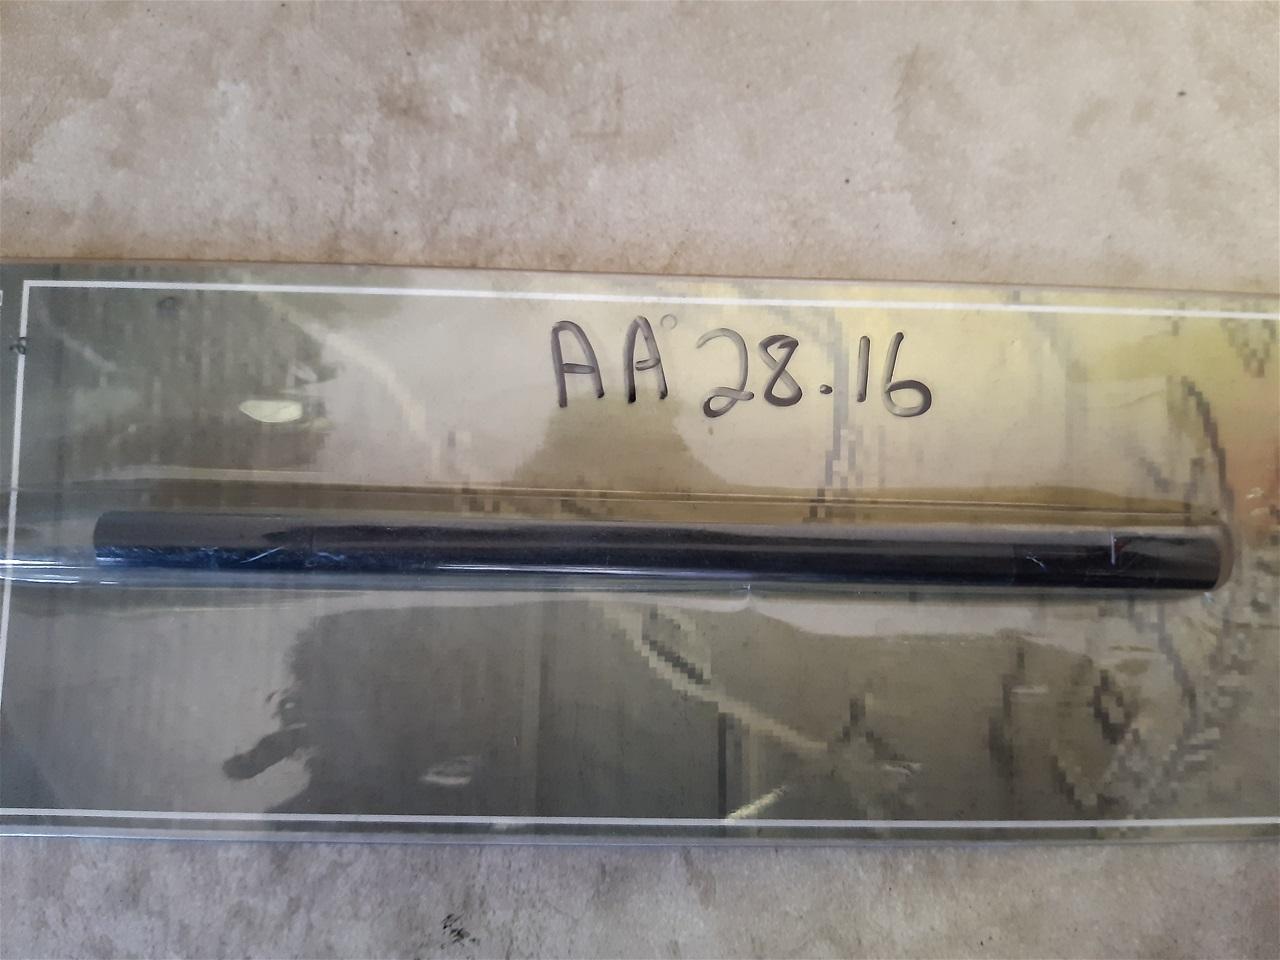 AA28.16 gear shift rod alloy Honda CBR 929/954 , Kawasaki ZX 6 RR Black